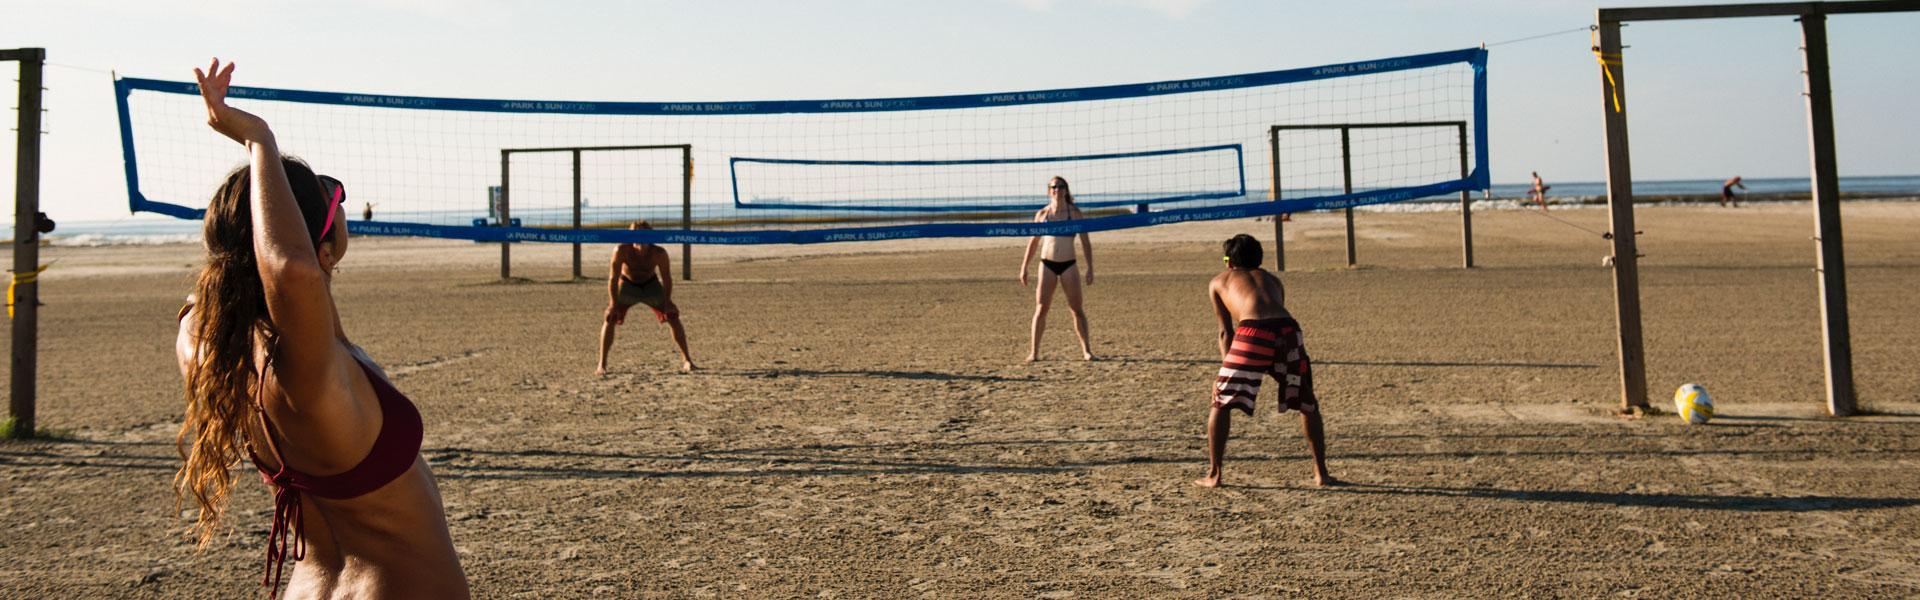 Beach Volleyball at R.A. Apffel Park, East Beach, Galveston TX